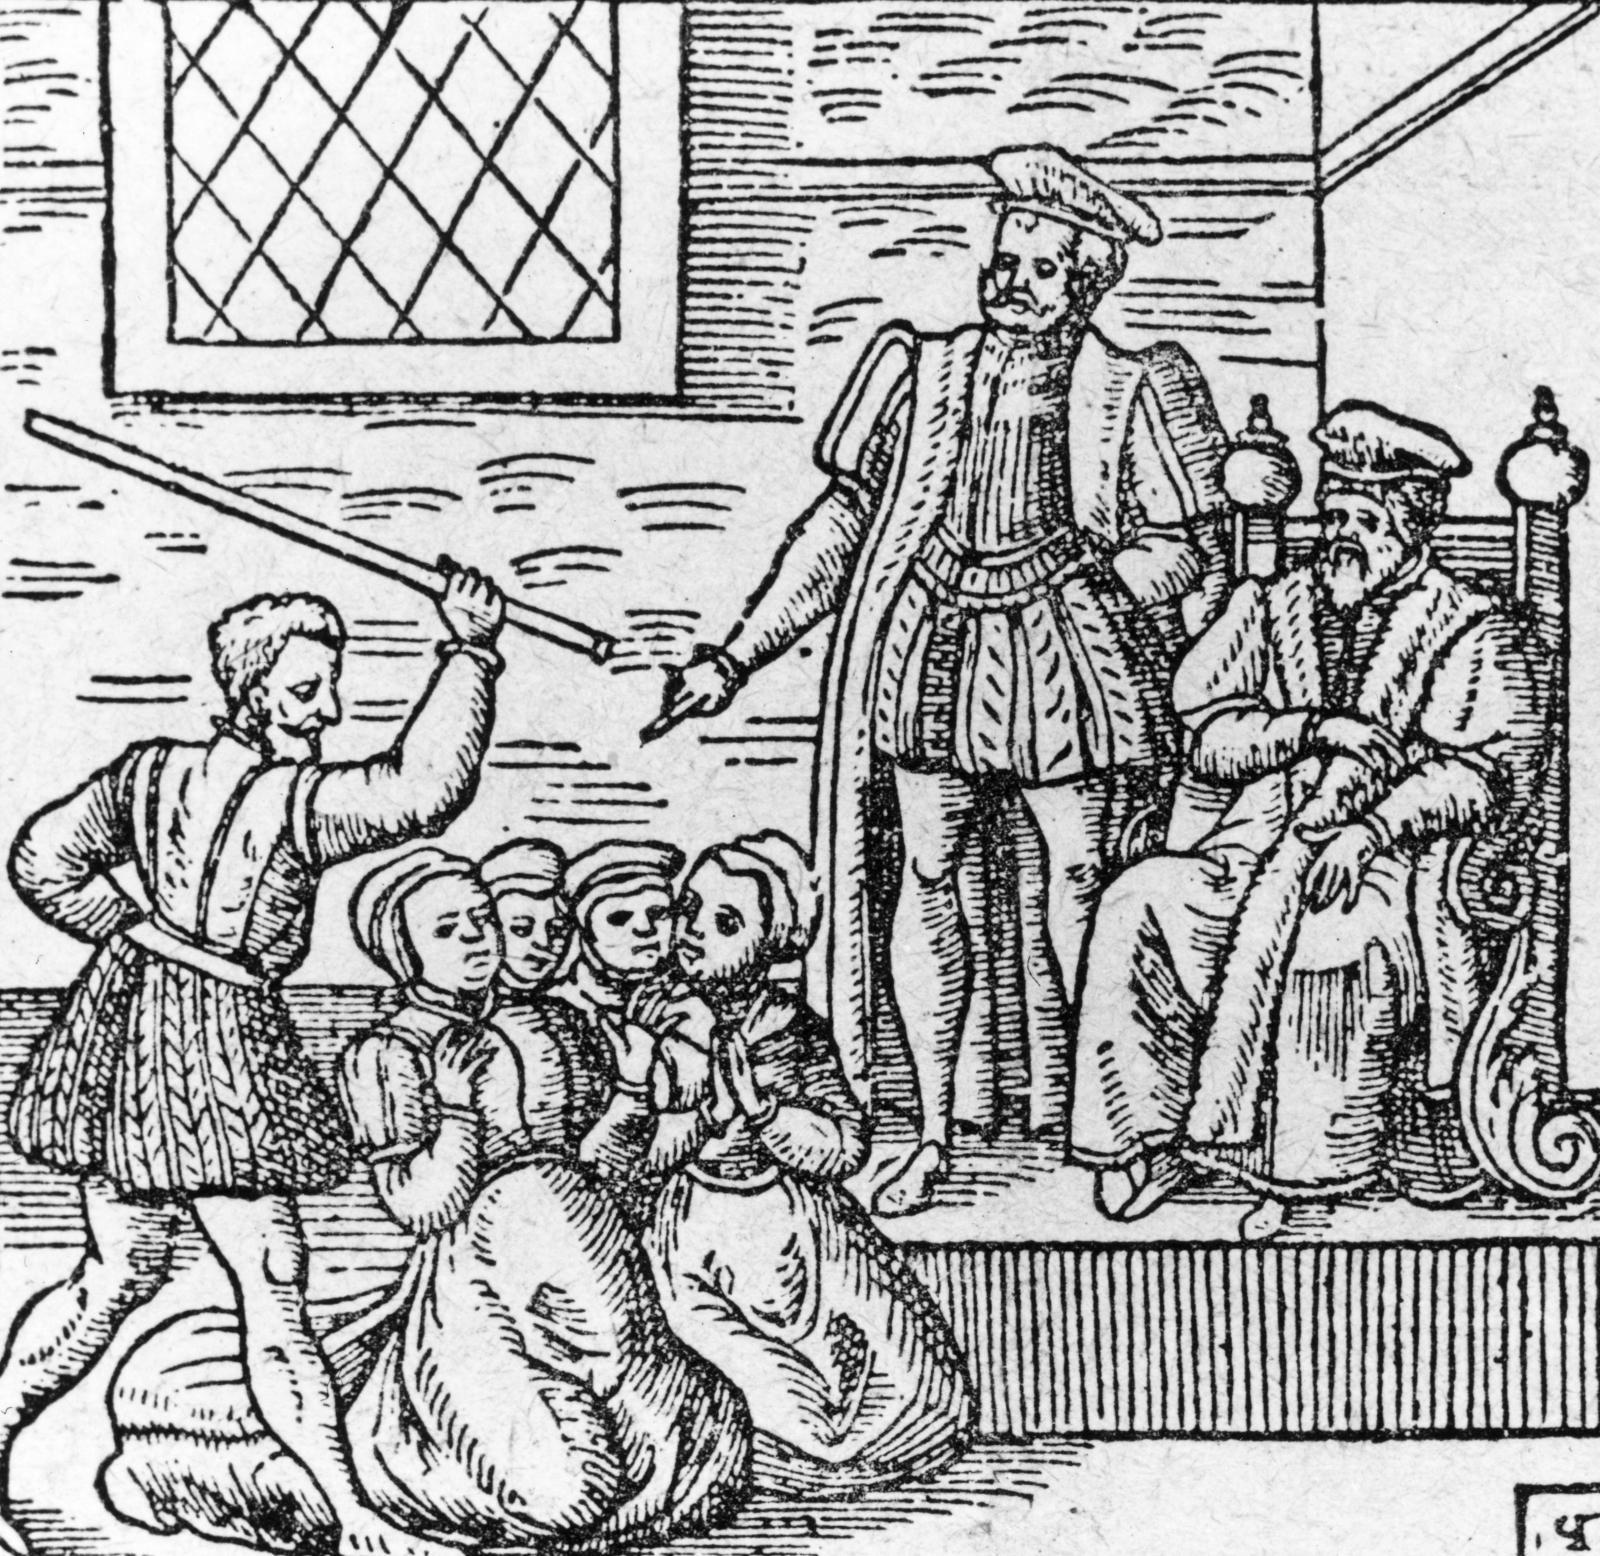 Агнес Сампсон<br /> През 1590 година шотландския крал Джеймс се жени за датската принцеса, Ан, която, като всяка добра християнка, се страхувала от магьосничеството. Тъй като на връщане от Дания, кралският кораб е застигнат от страшна буря, кралят стига до логичното заключение, че това е плод на… вещерство. Така се стига до лов а вещици, а Агнес Сампсон, издадена от друга жена, е главен обвиняем, защото… отказва да признае вината си. Следват нечовешки мъчения, които я пречупват и тя казва, че е правила магии, за да убие краля. След нечовешките мъчения, тя е изгорена жива.